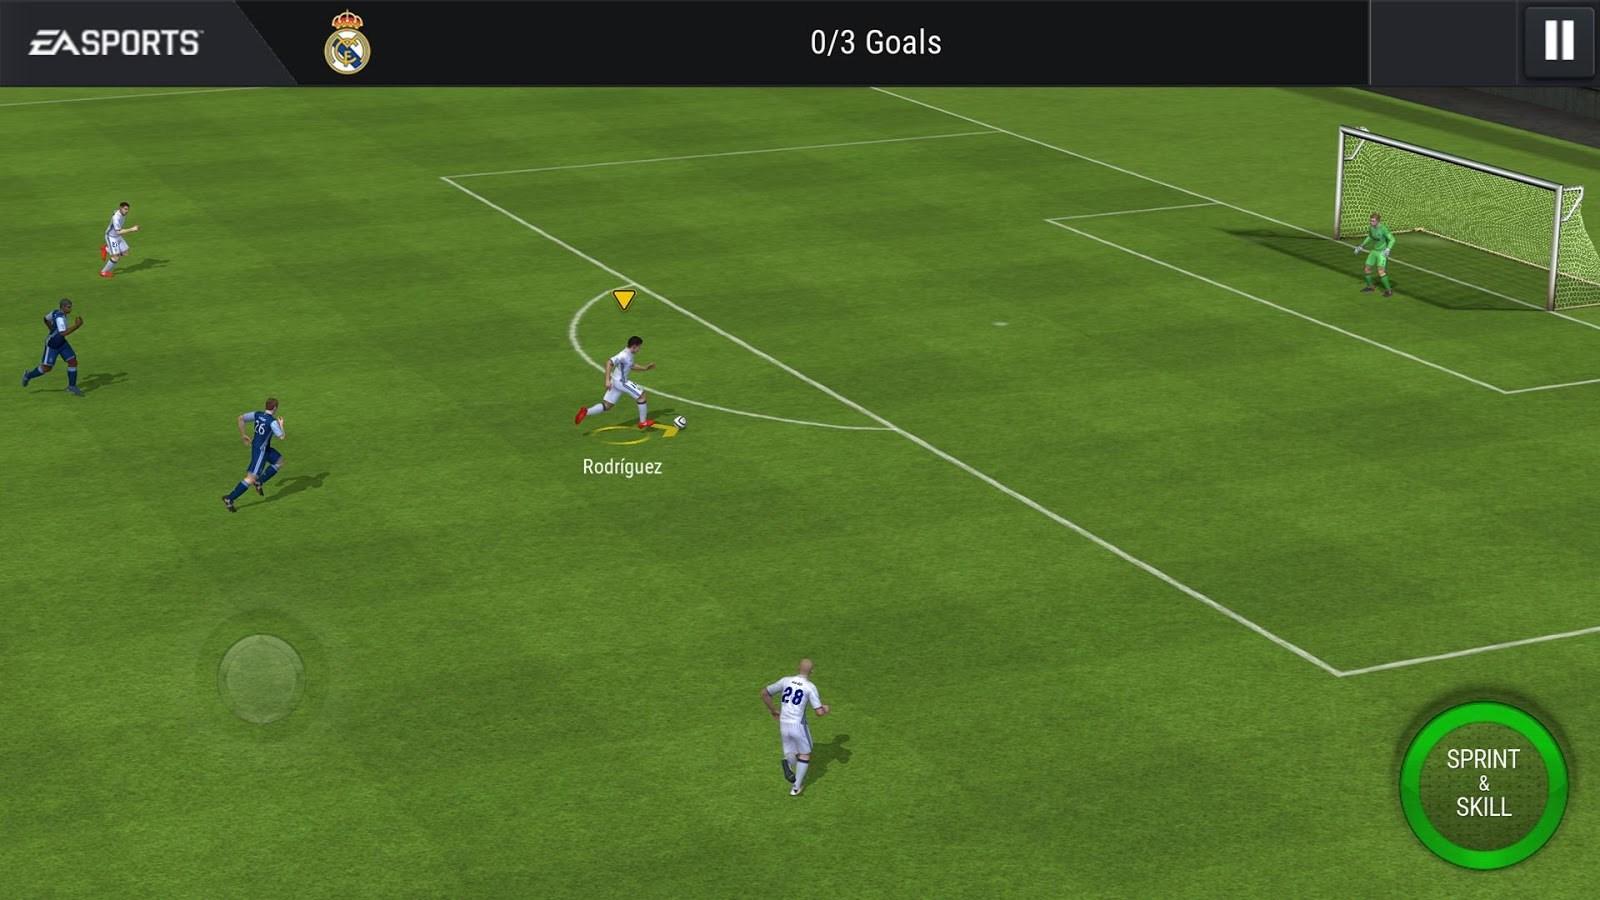 Futebol FIFA - Imagem 1 do software